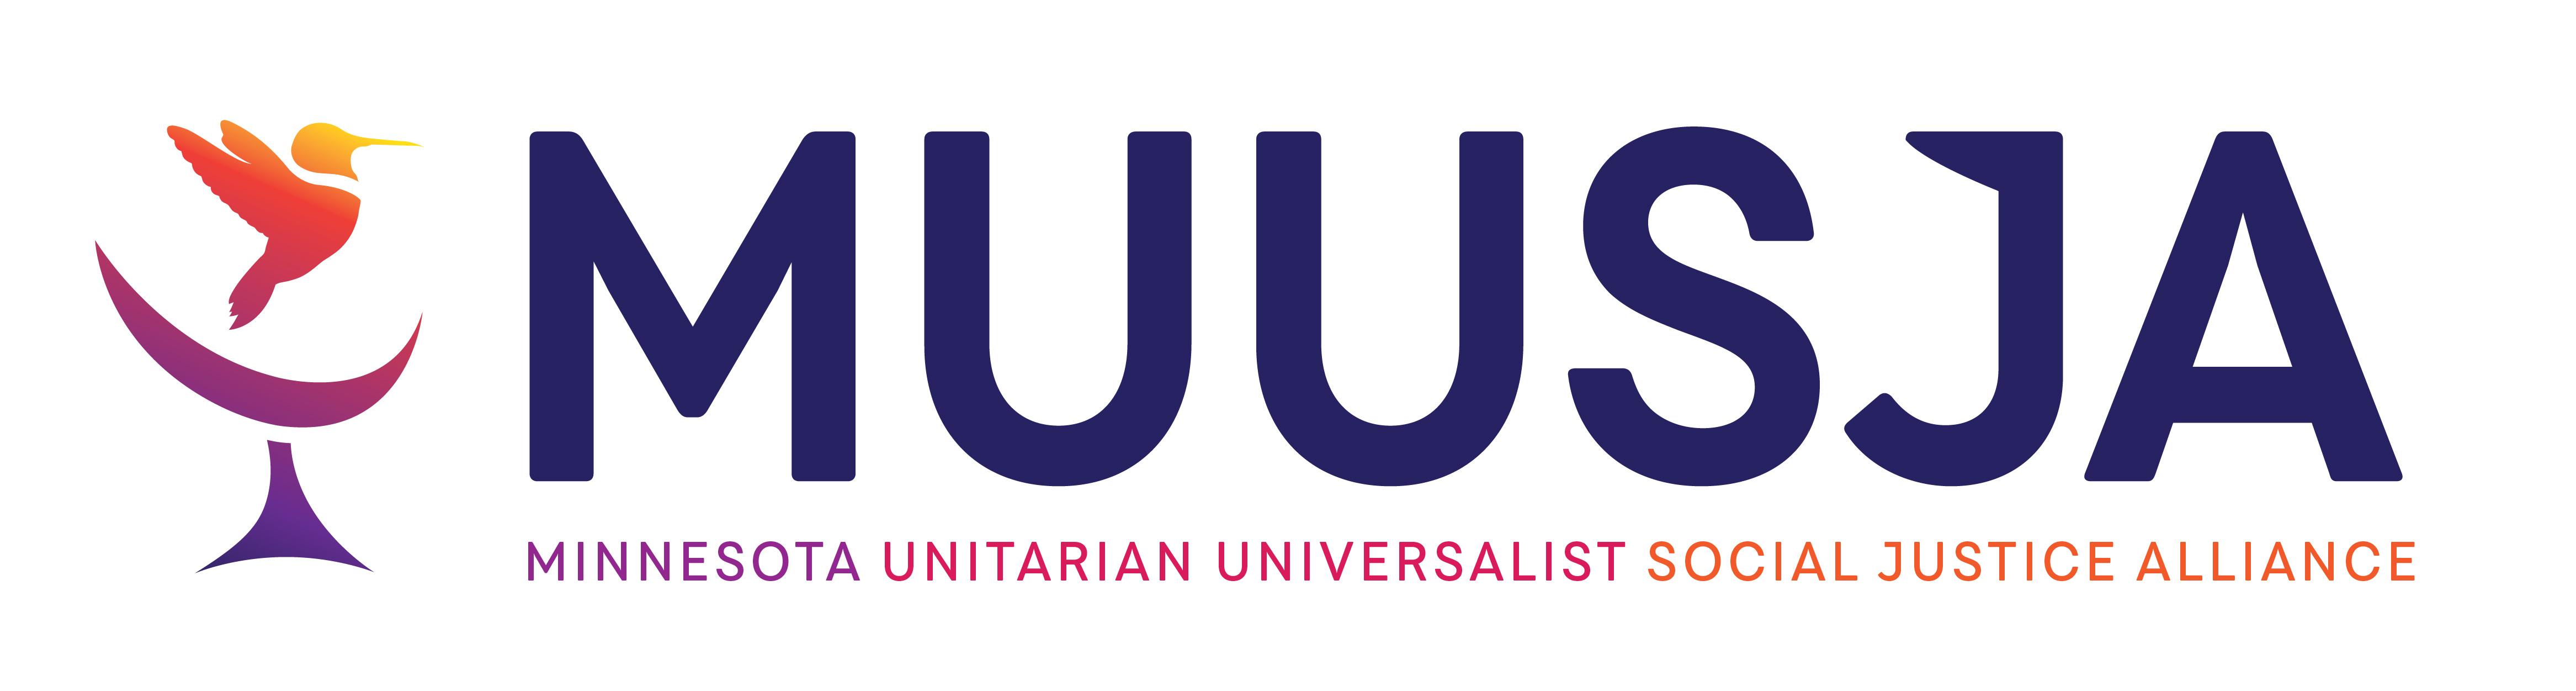 MUUSJA - Minnesota Unitarian Universalist Social Justice Alliance